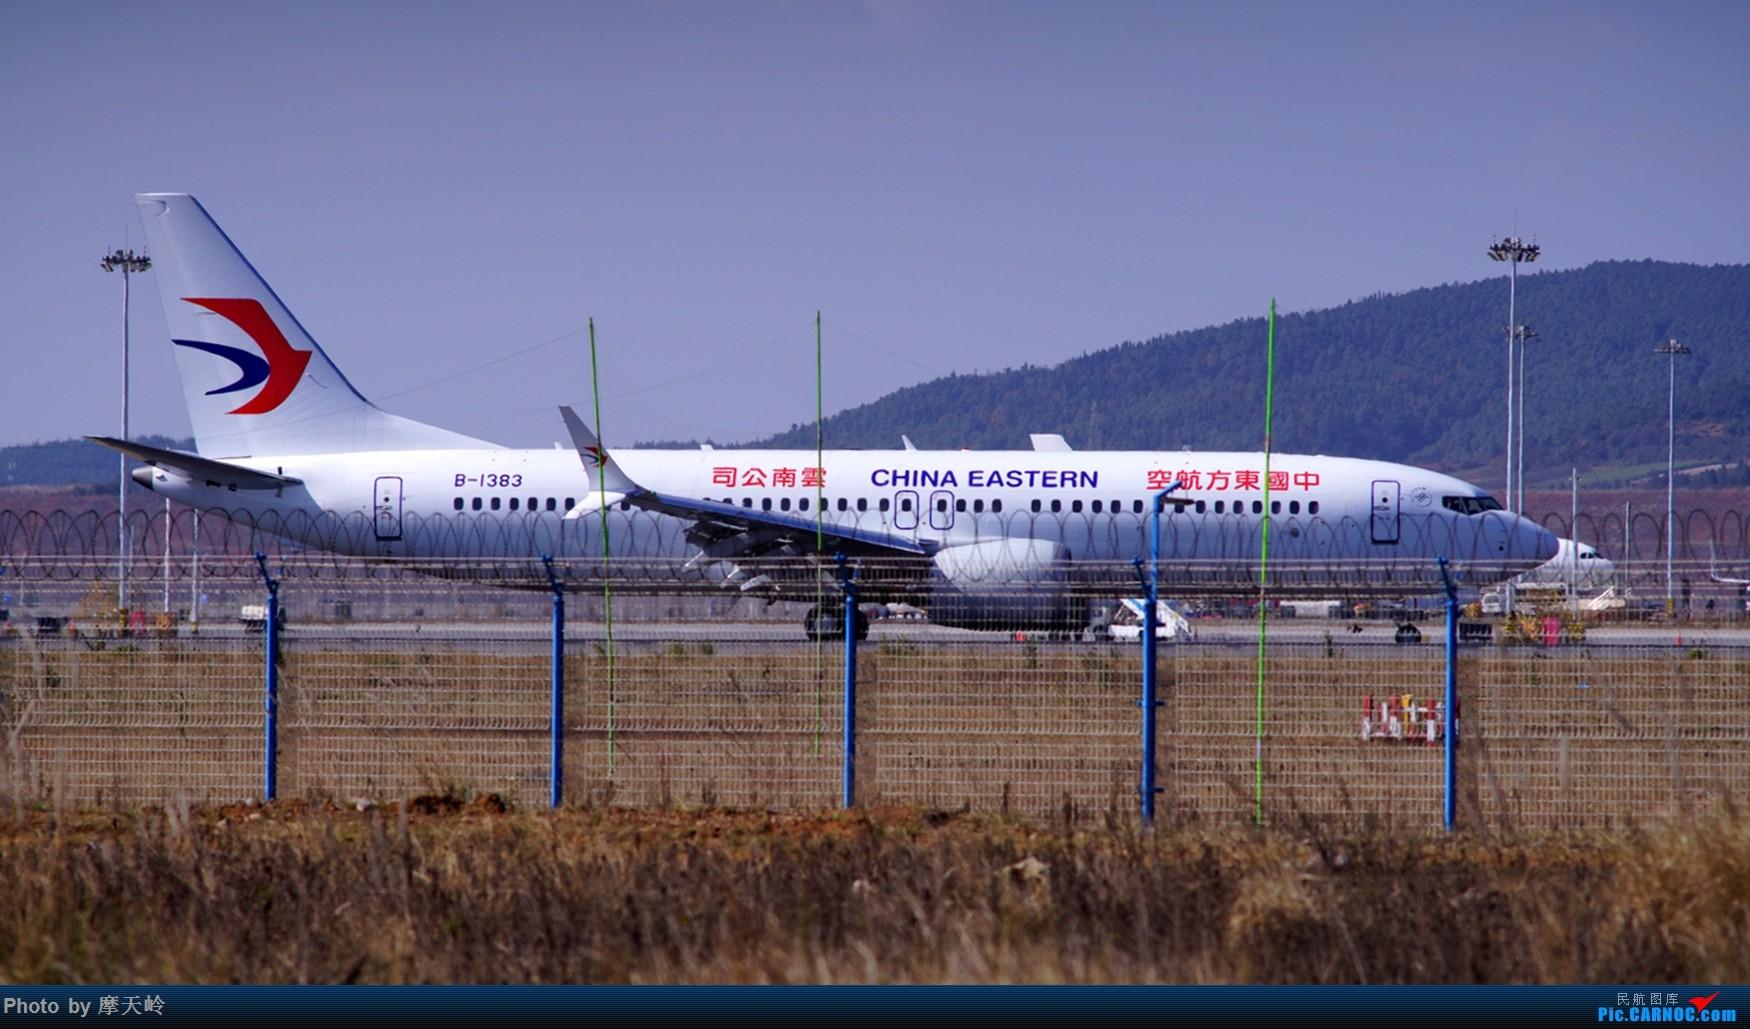 Re:[原创]长水尽是小家伙 BOEING 737MAX-8 1383 中国昆明长水国际机场